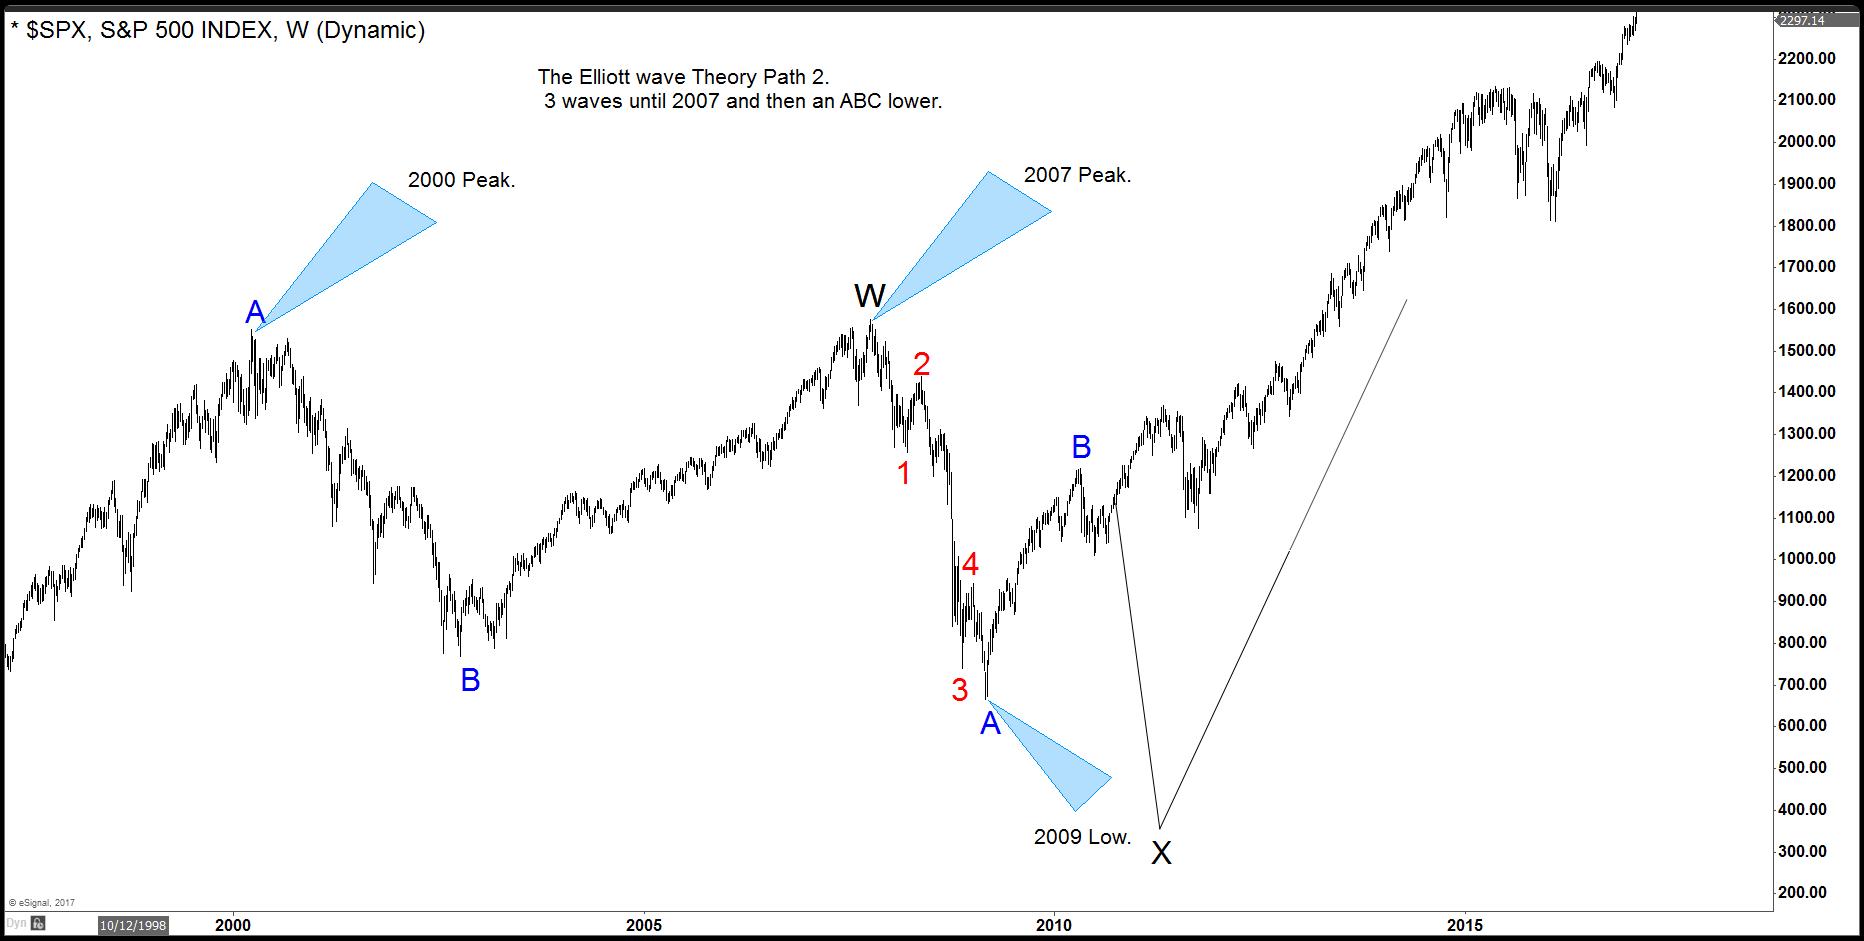 SPX Chart 3 for Elliott's Theory Blog